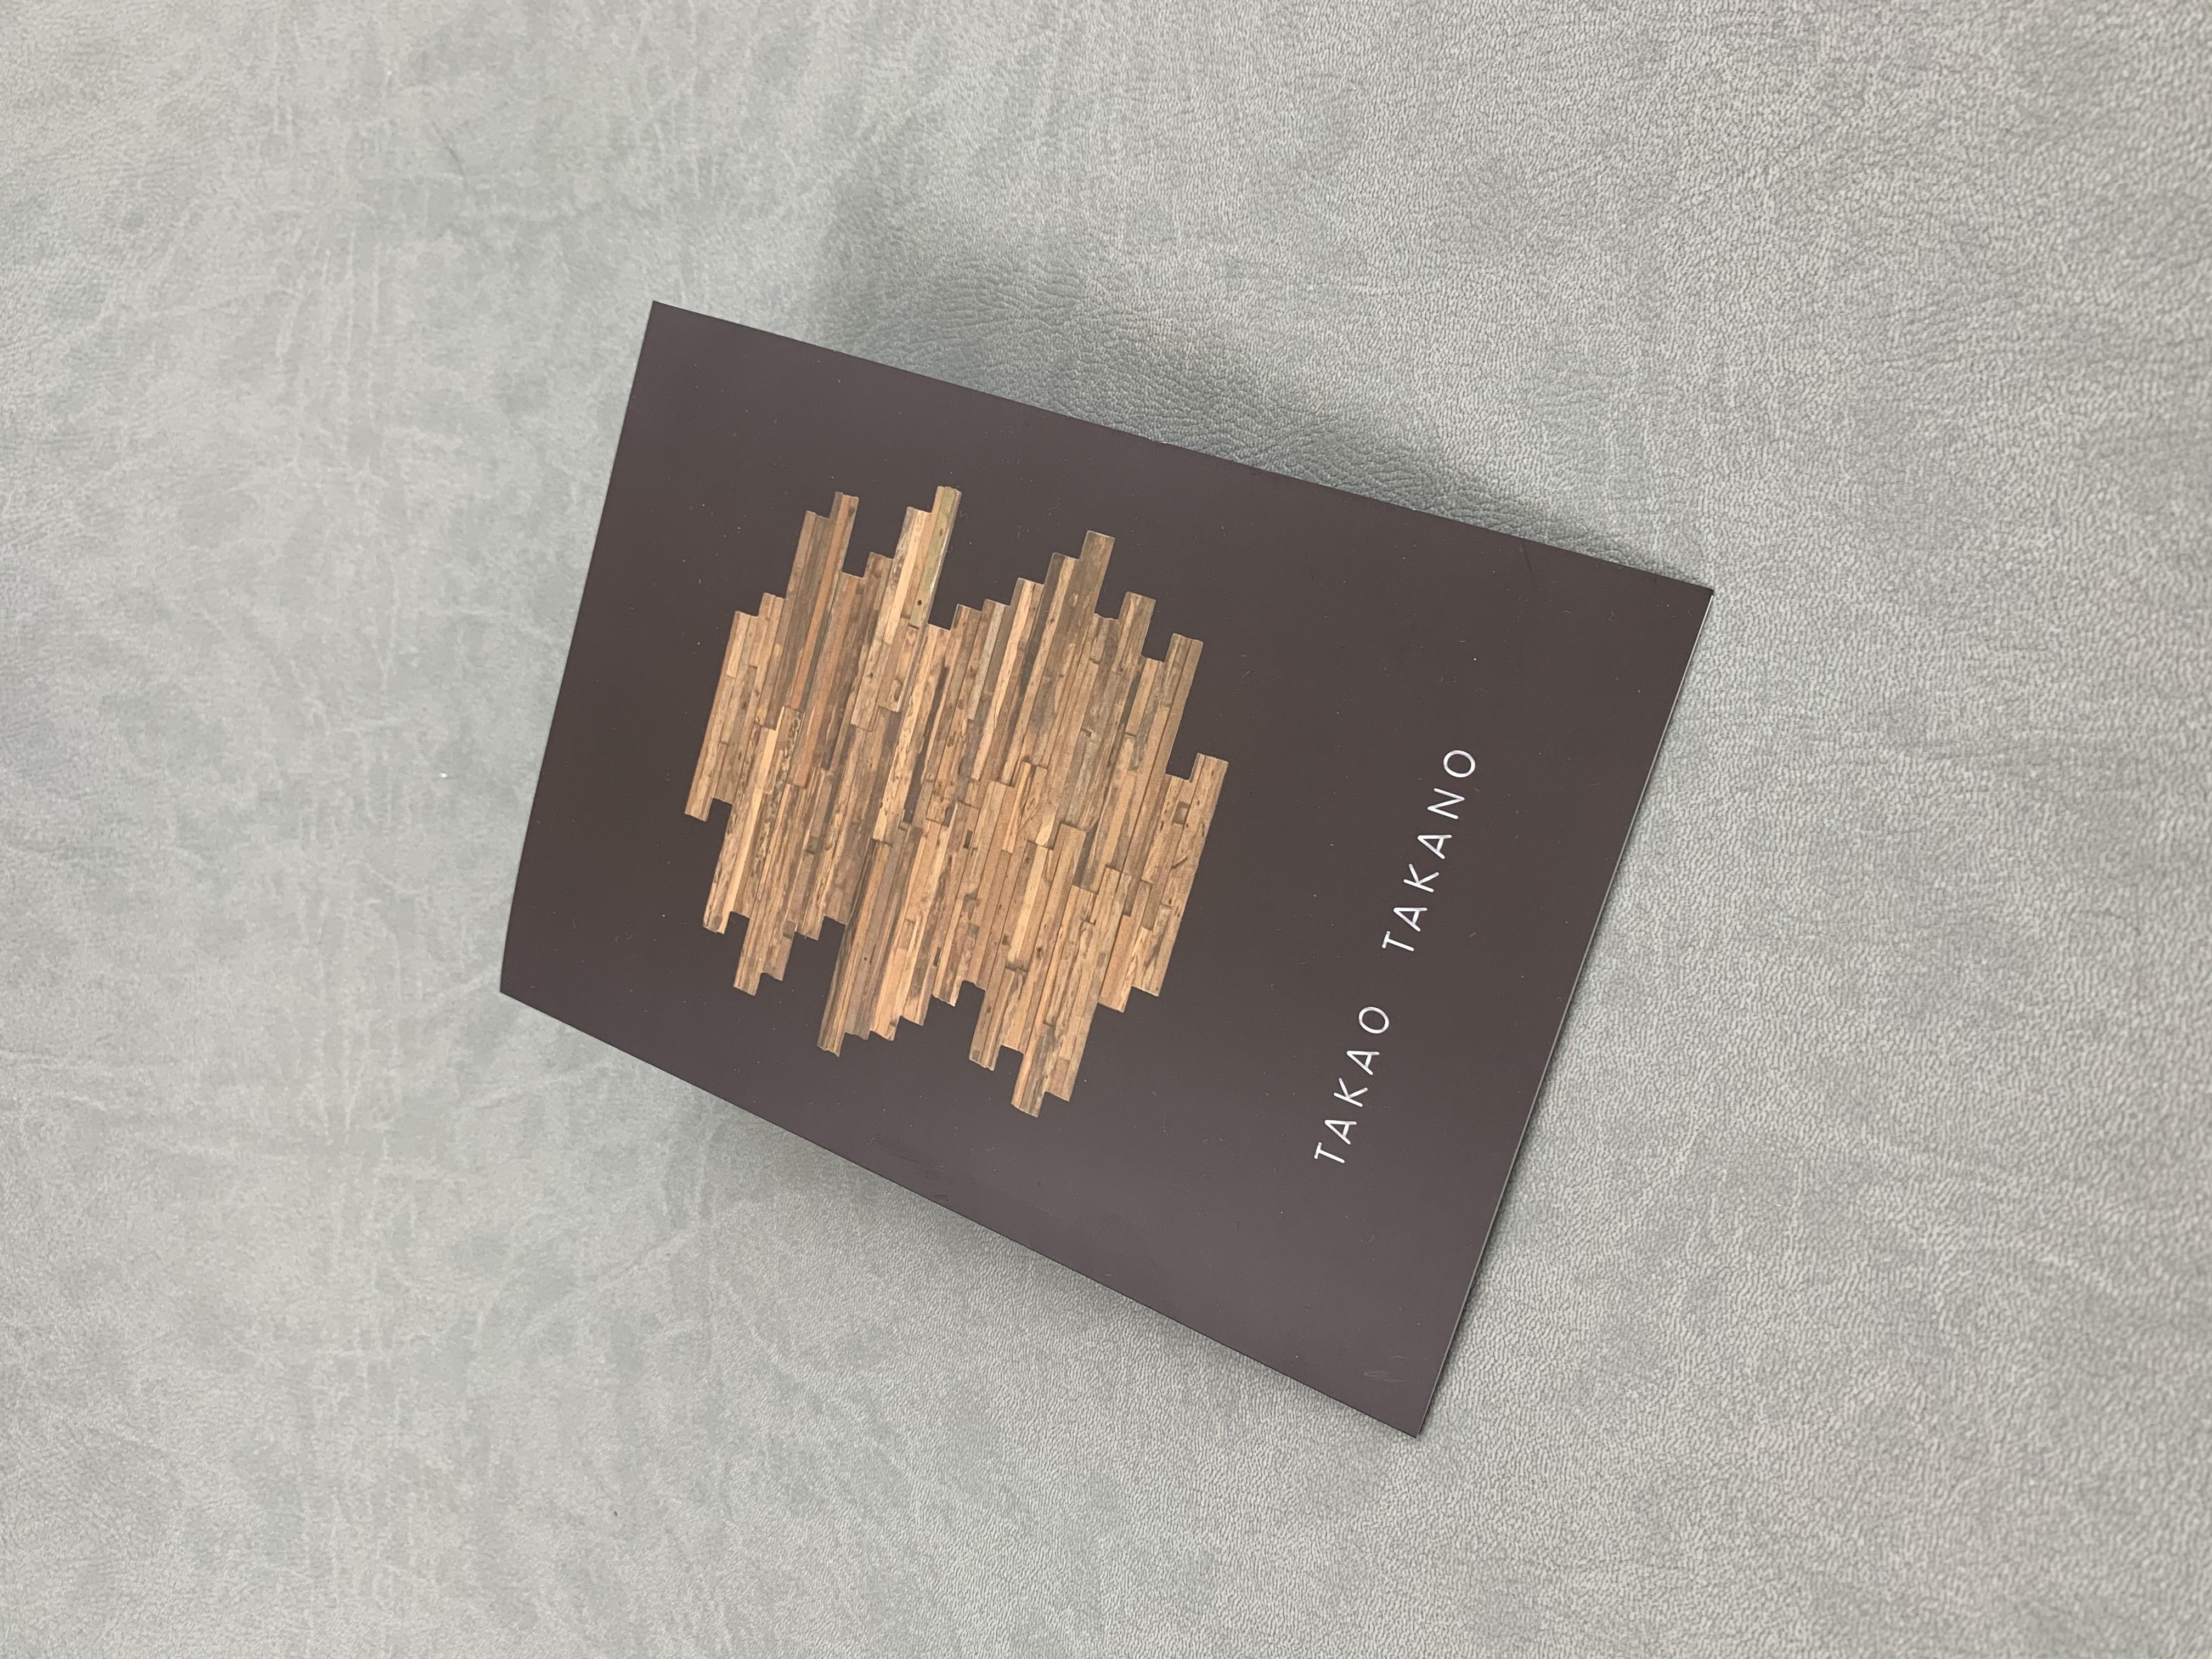 carte menu souvenir takao